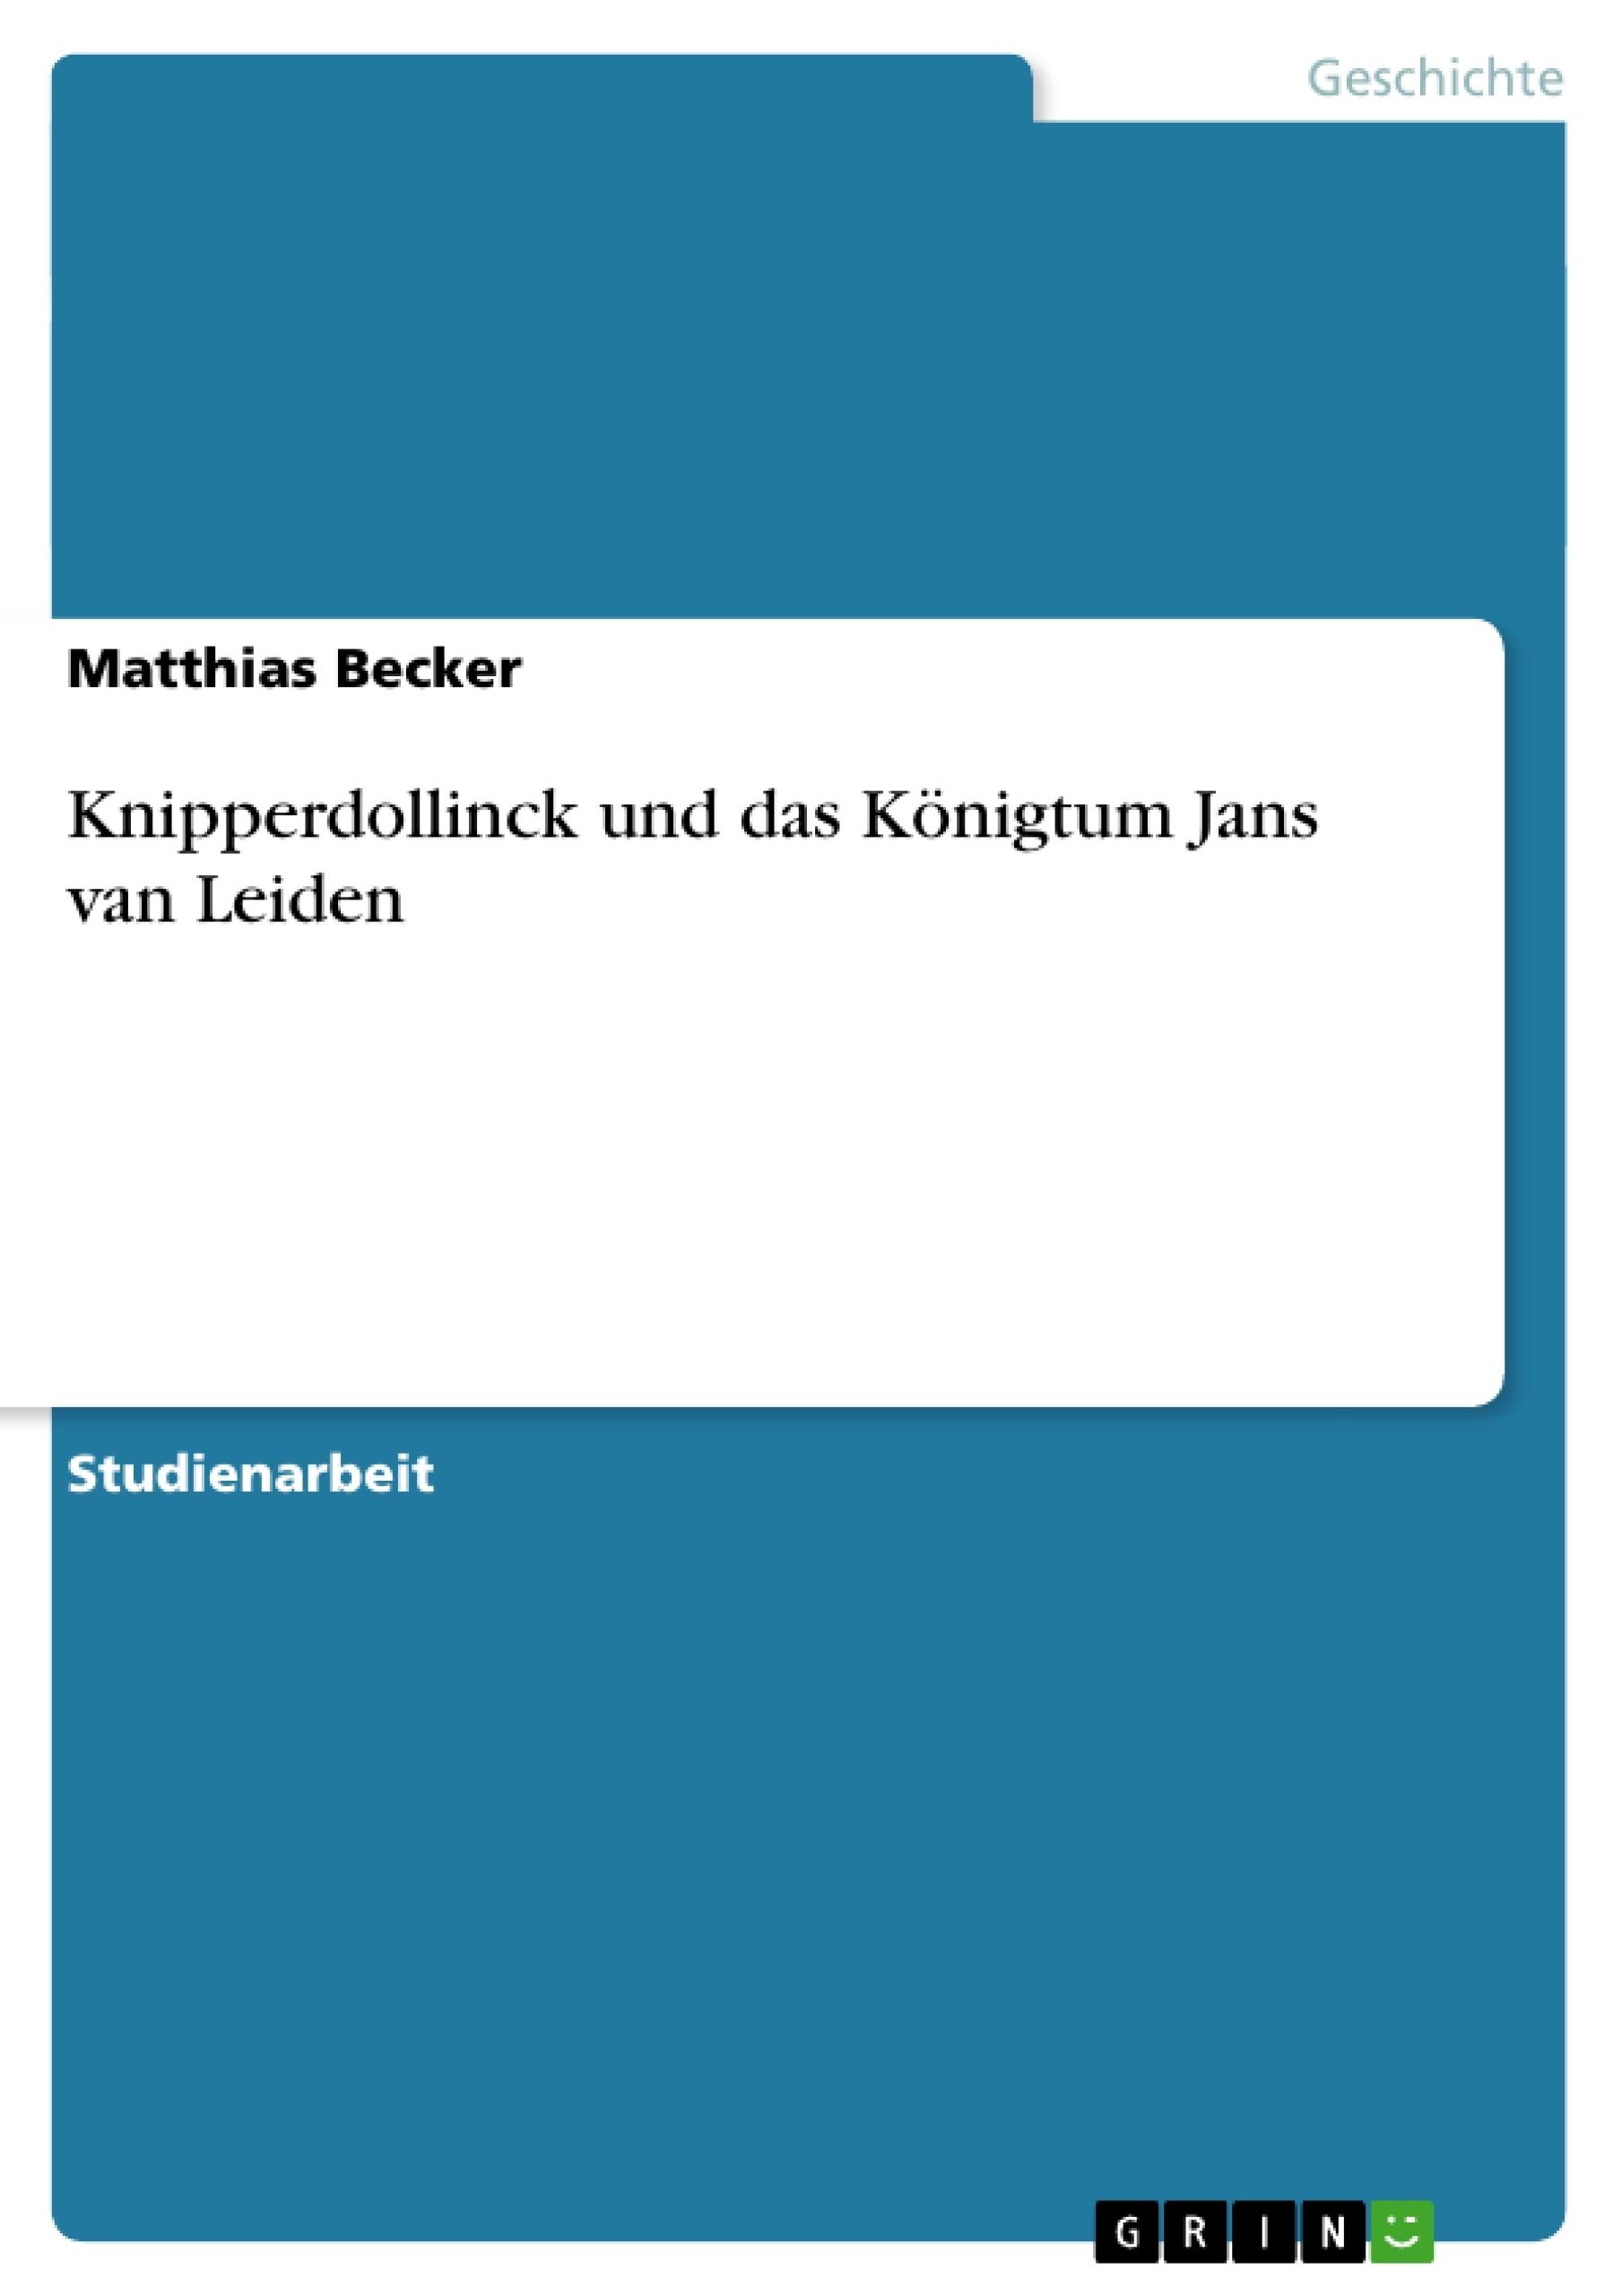 Titel: Knipperdollinck und das Königtum Jans van Leiden